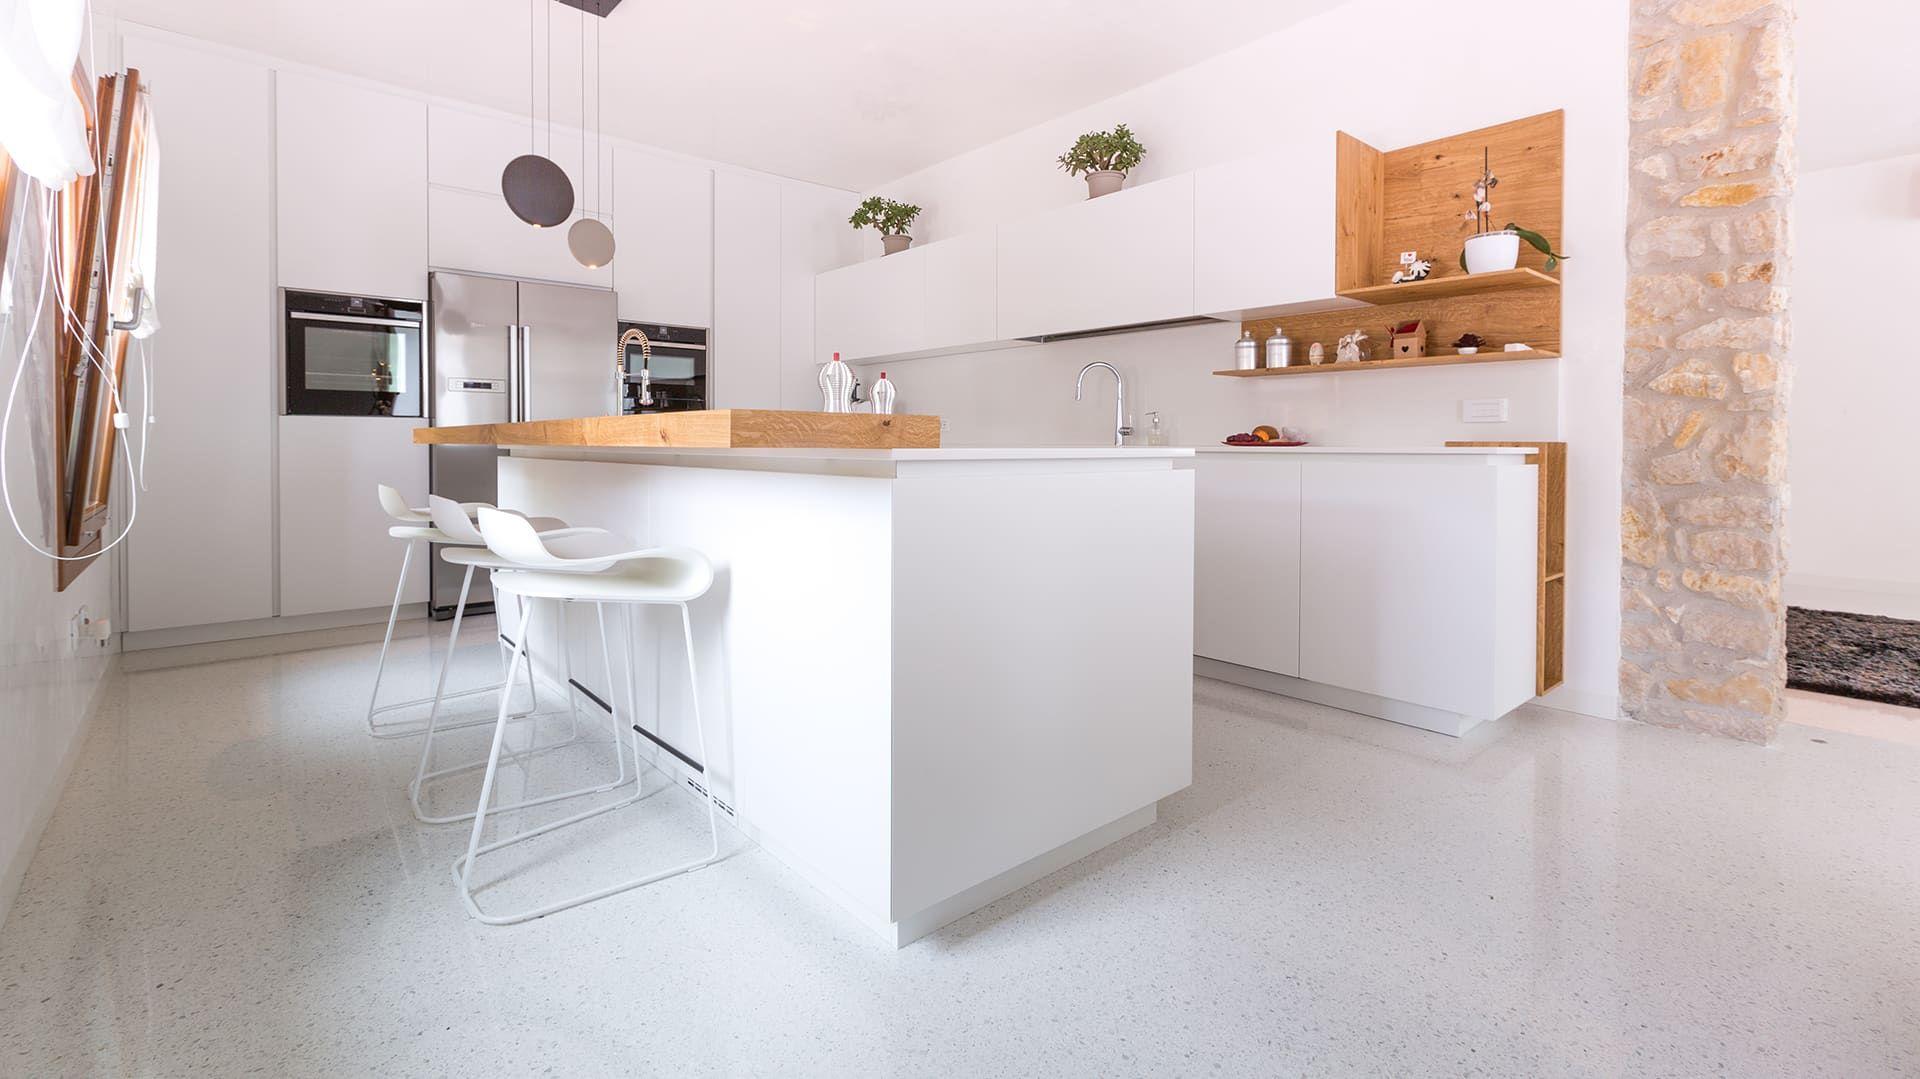 Idee Ristrutturazione Cucina Soggiorno ristrutturazione cucina: idee per pavimenti e rivestimenti